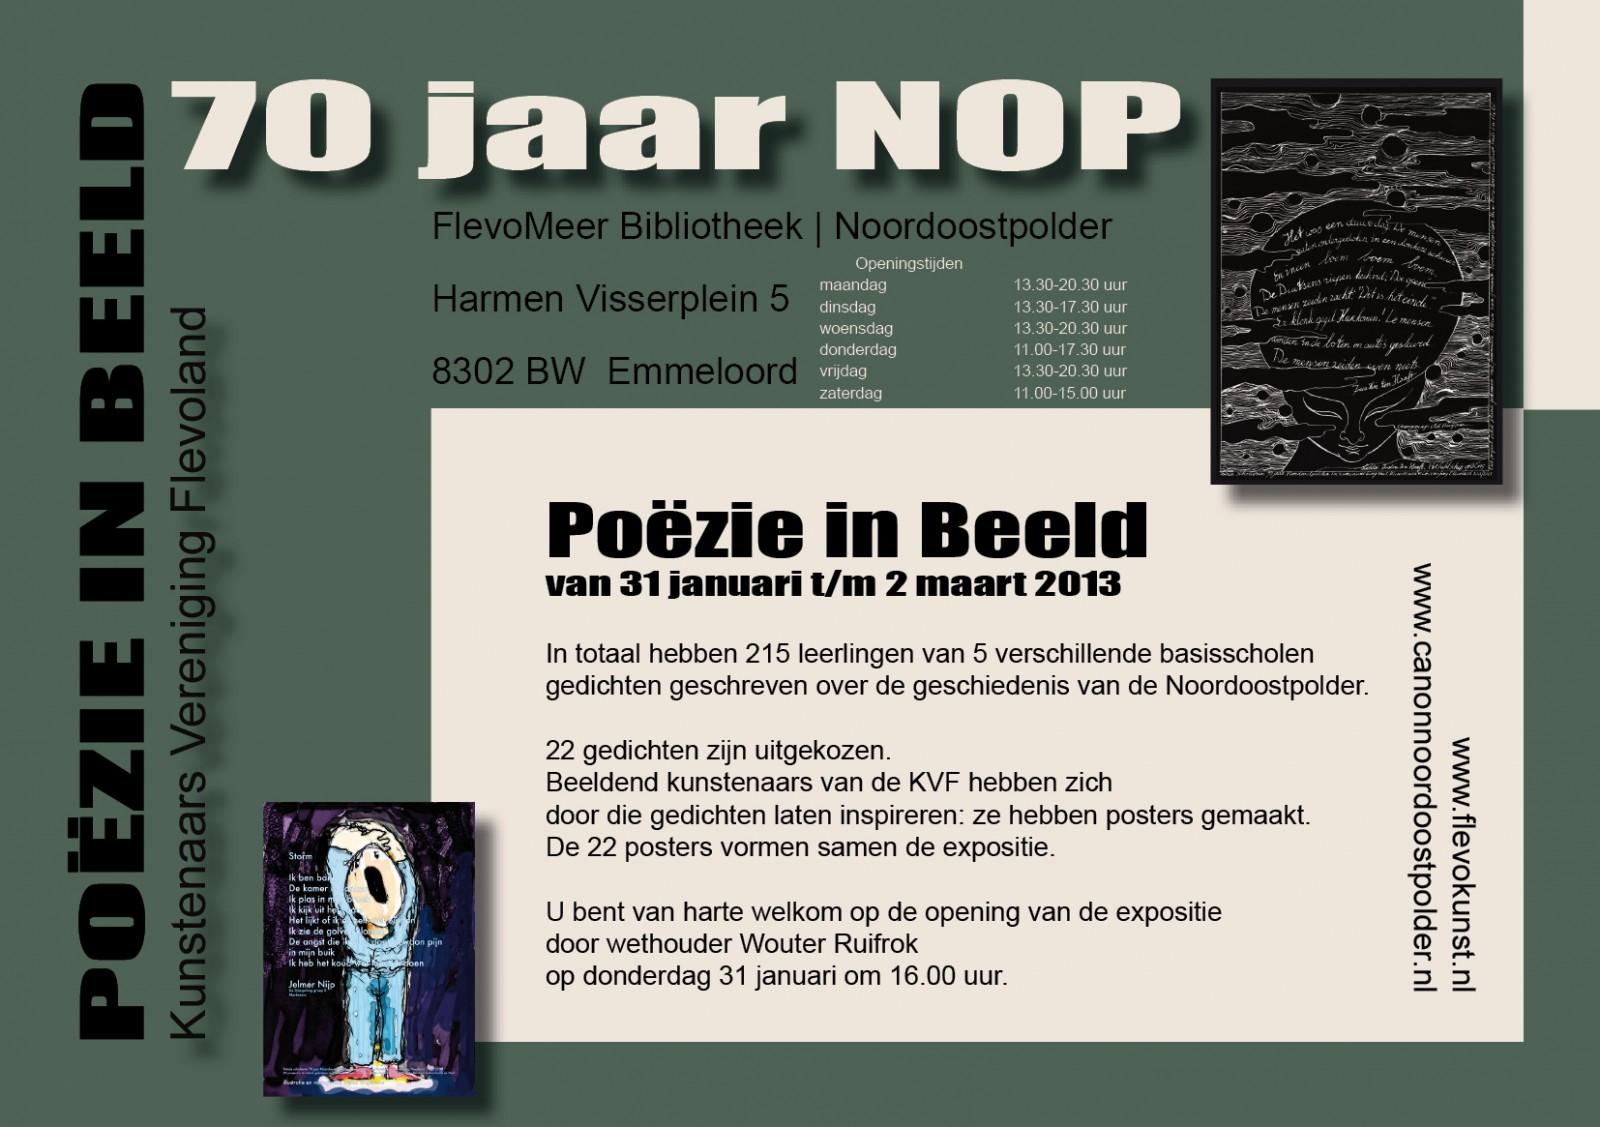 2013 Poëzie In Beeld 70 Jaar Nop Kunstenaars Vereniging